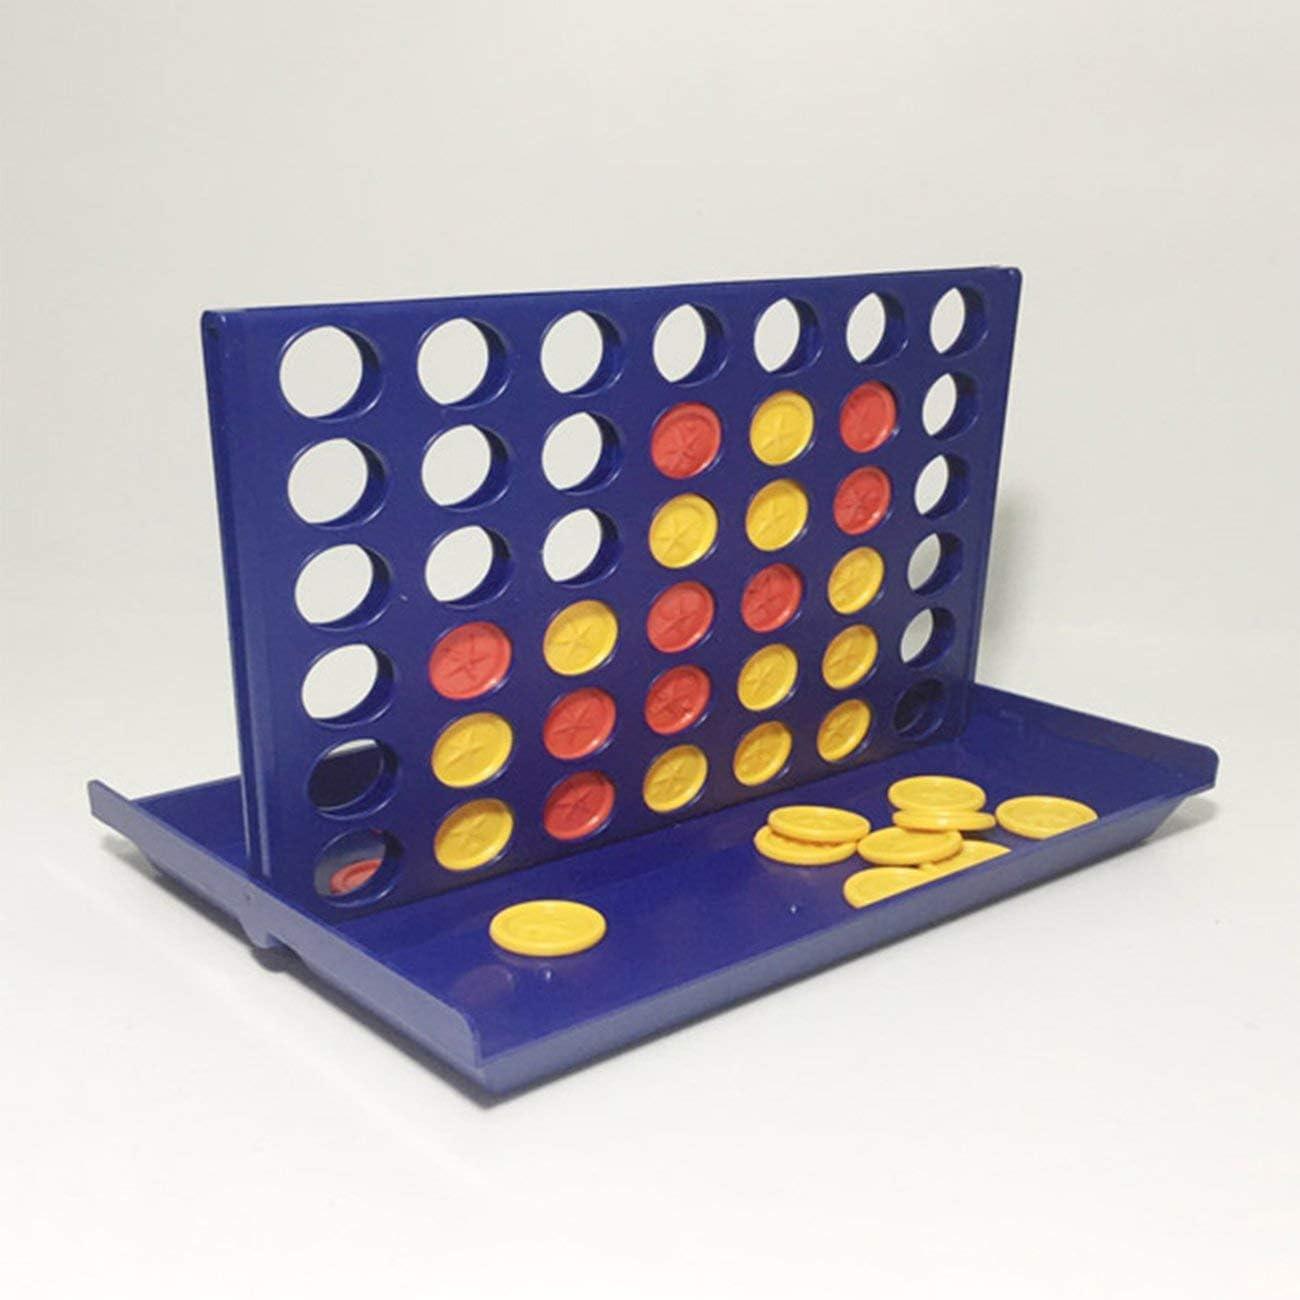 Elviray Nouveaux Jeux intelligents Jouets Le Jeu de soci/ét/é en Trois Dimensions Quatre Jeux d/échecs Cinq Enfants tridimensionnel